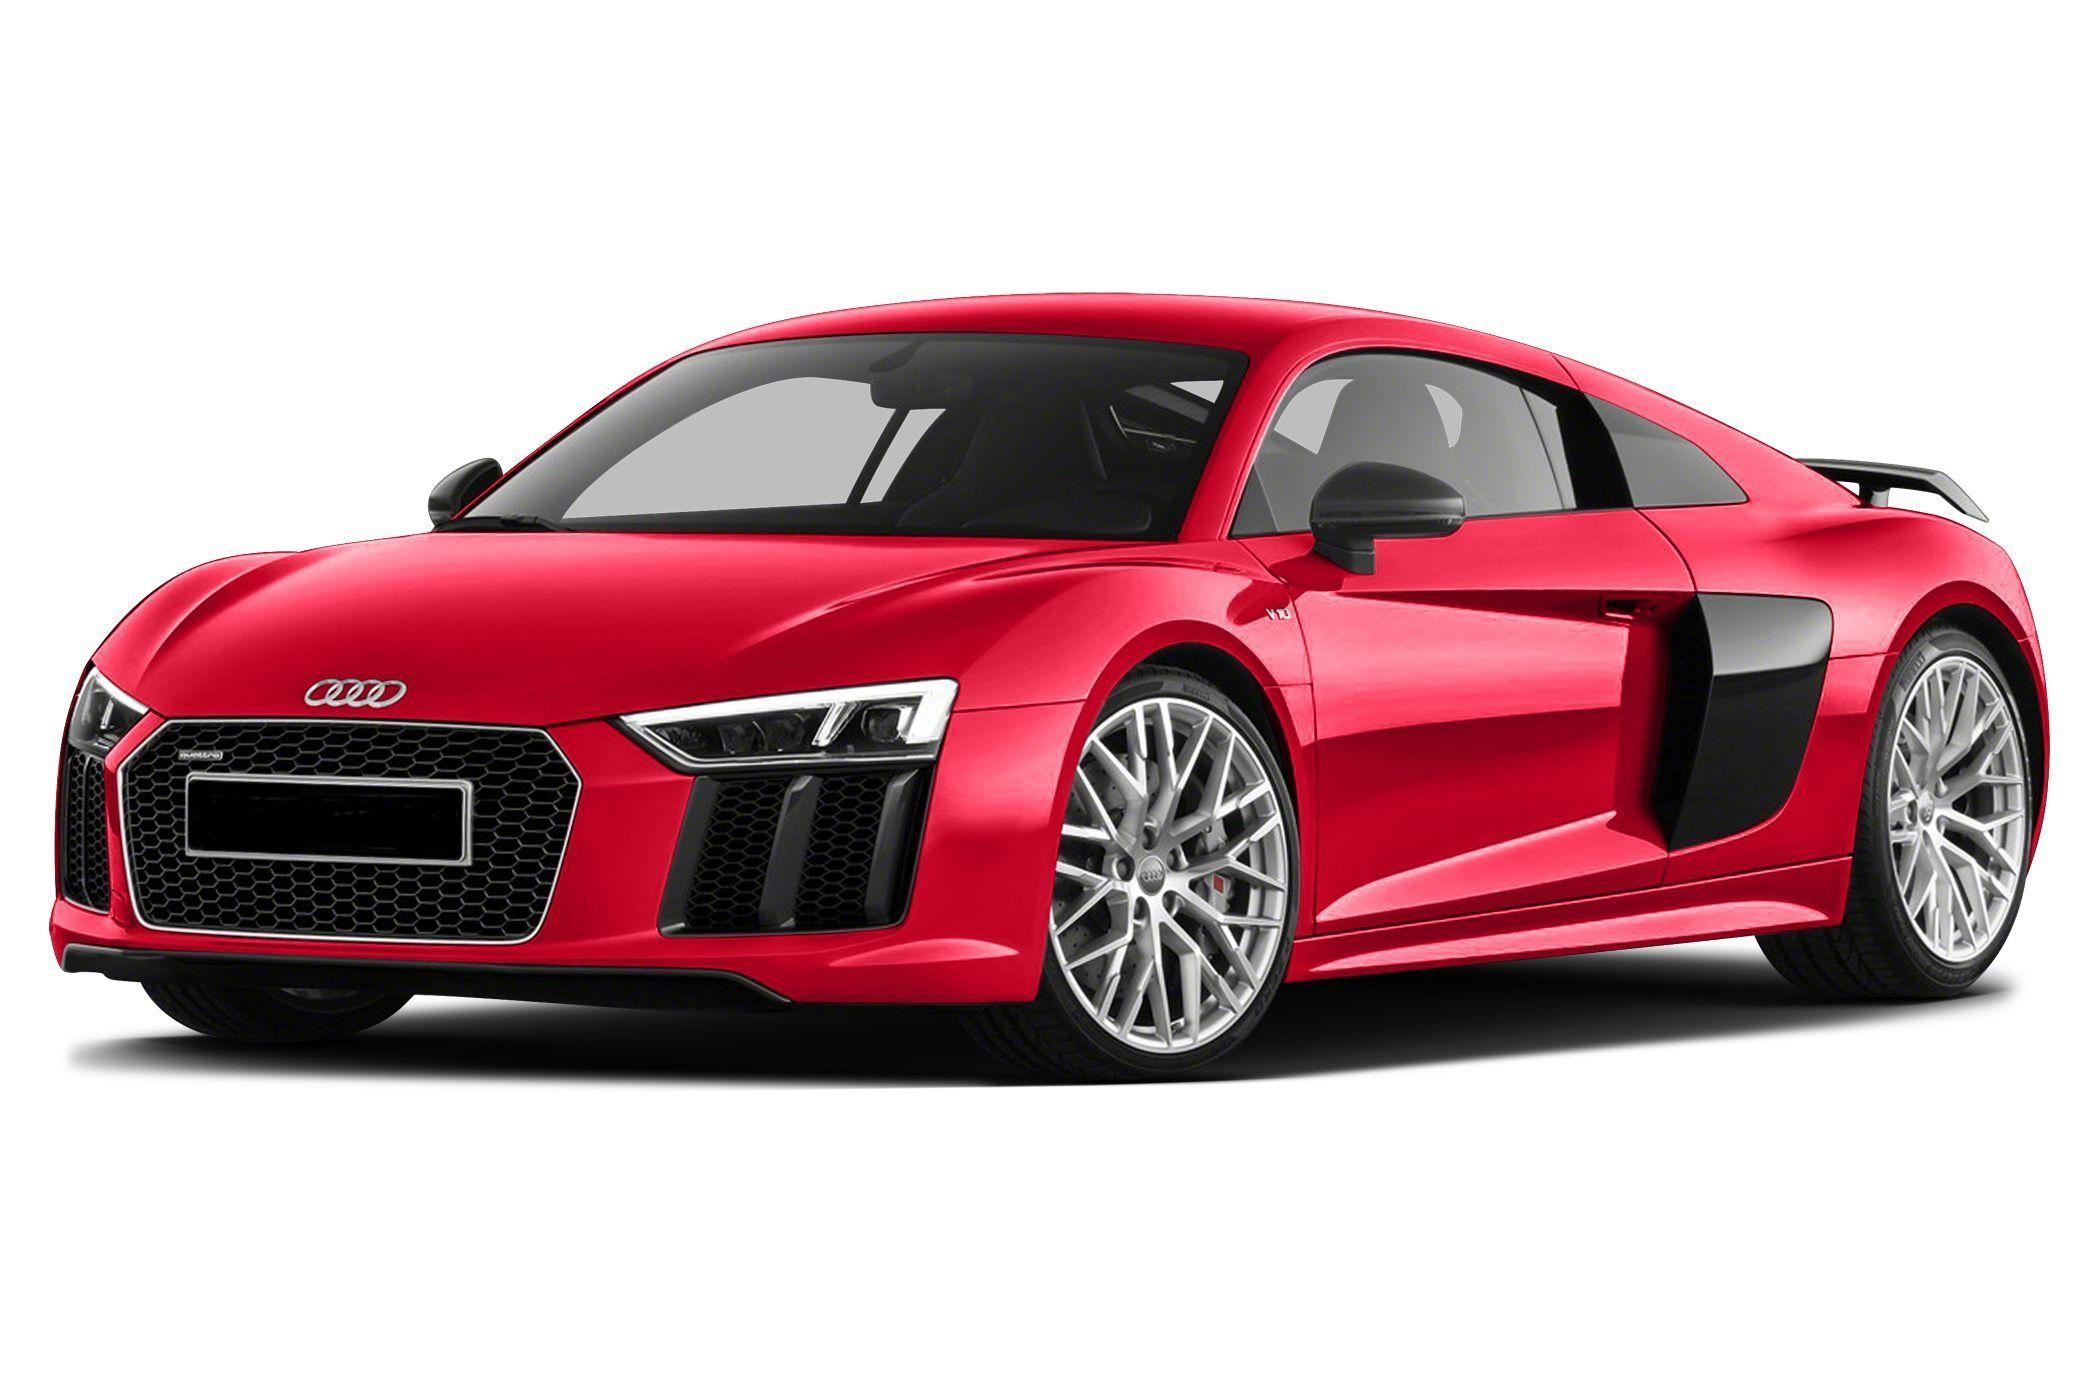 2020 Audi R8 V10 Spyder Specs In 2020 Audi R8 V10 Audi Rs8 Audi